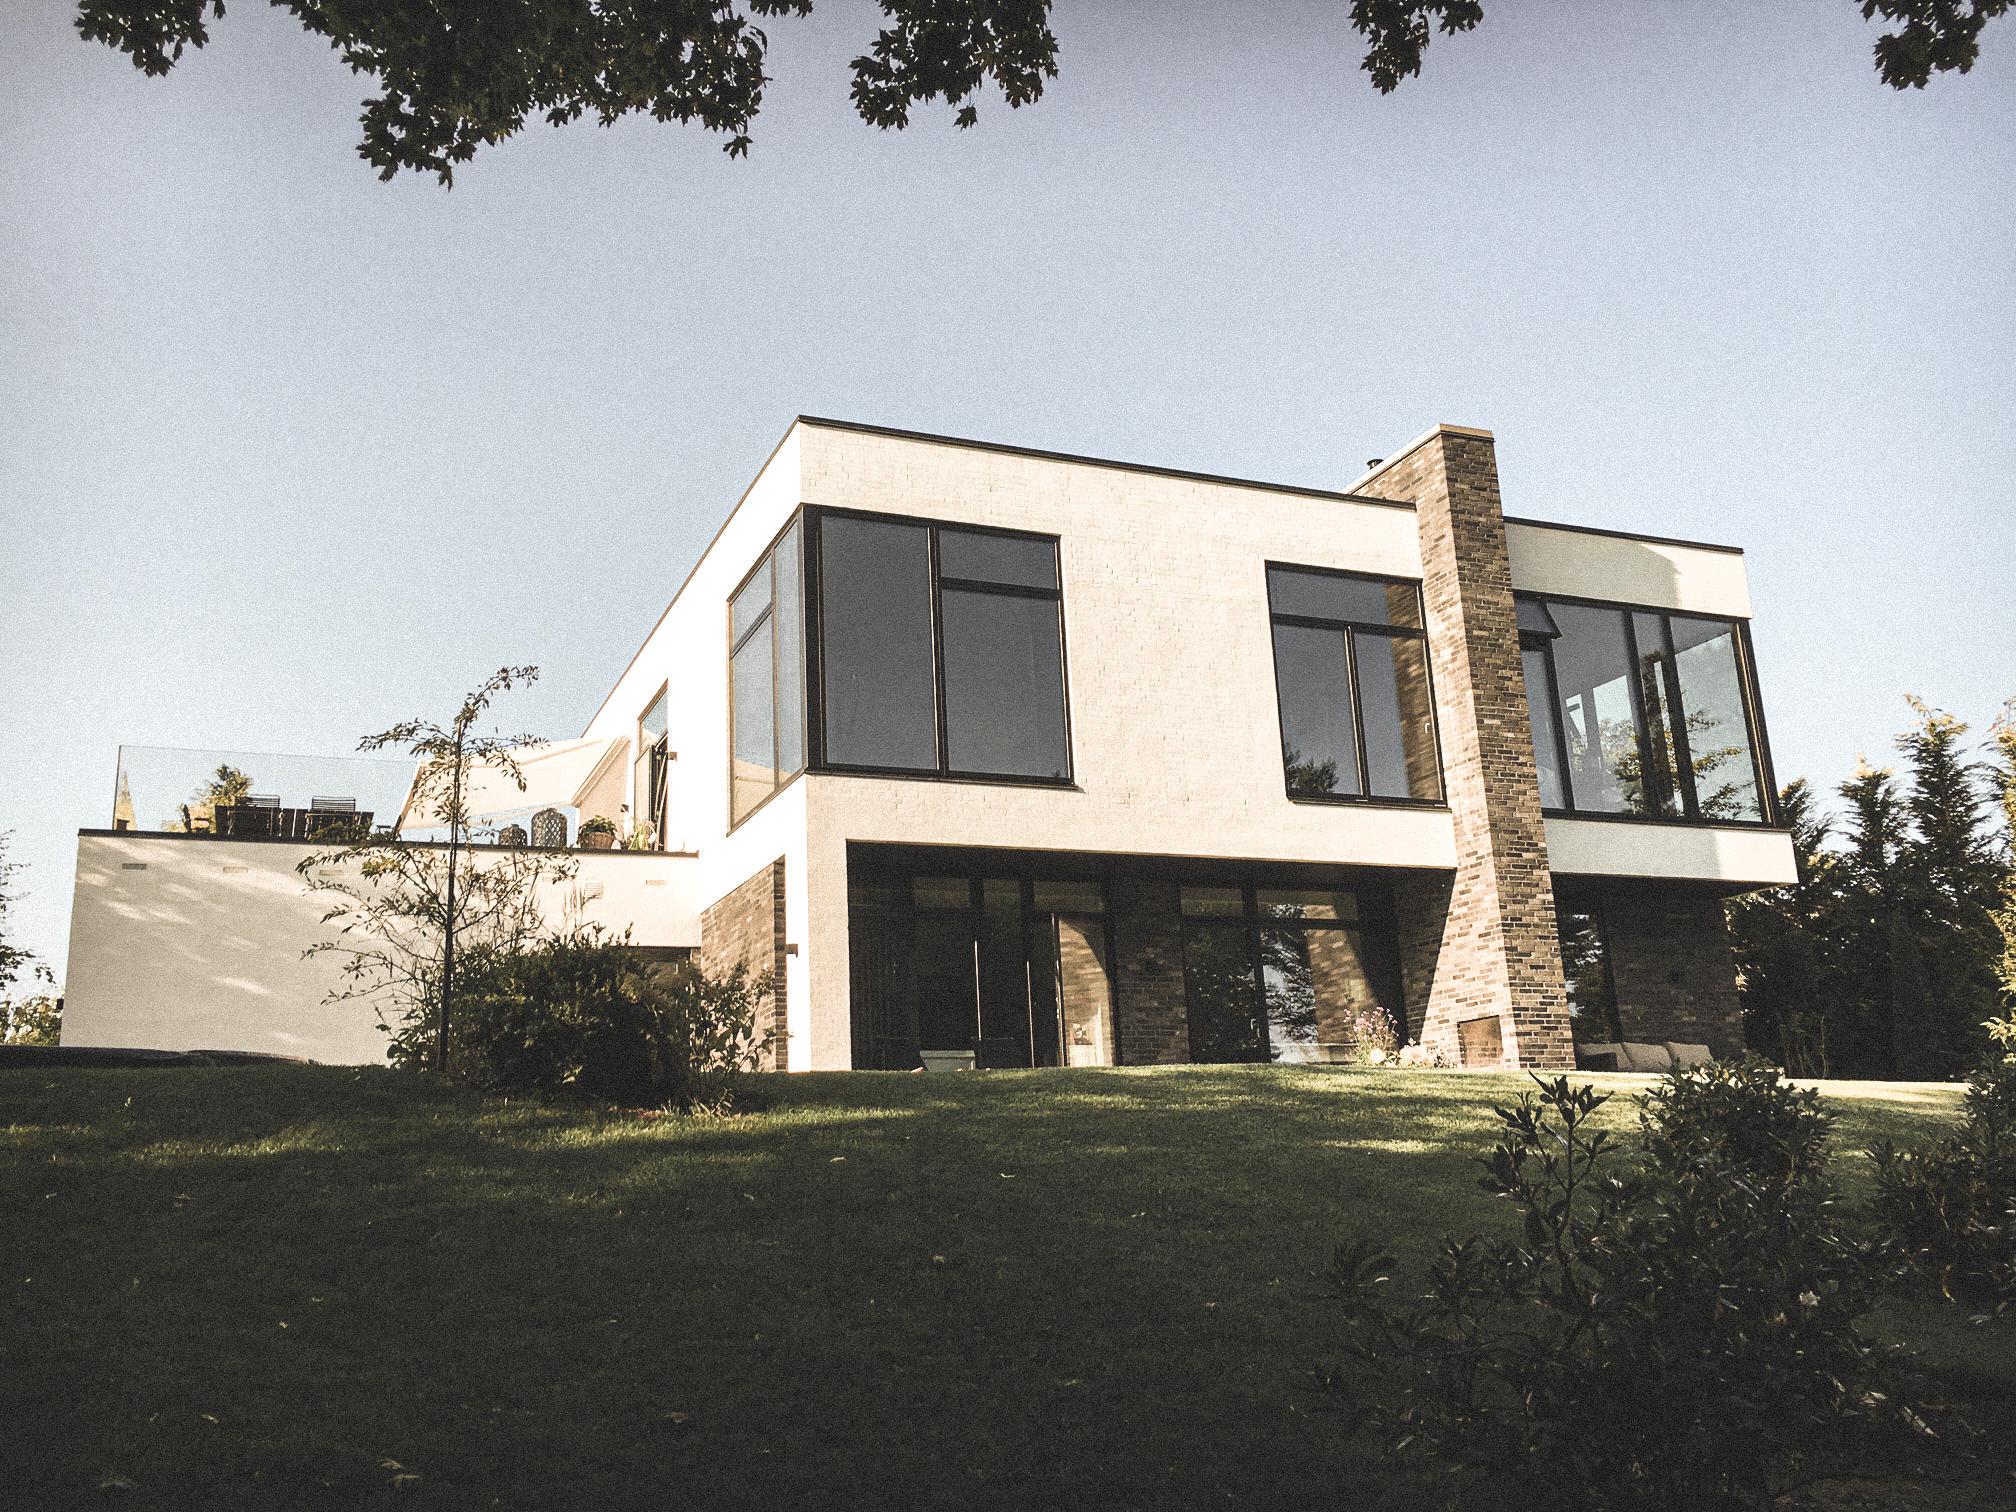 Billede af villa i Villa S15 efter indflytning, tegnet af arkitektfirmaet m2plus.